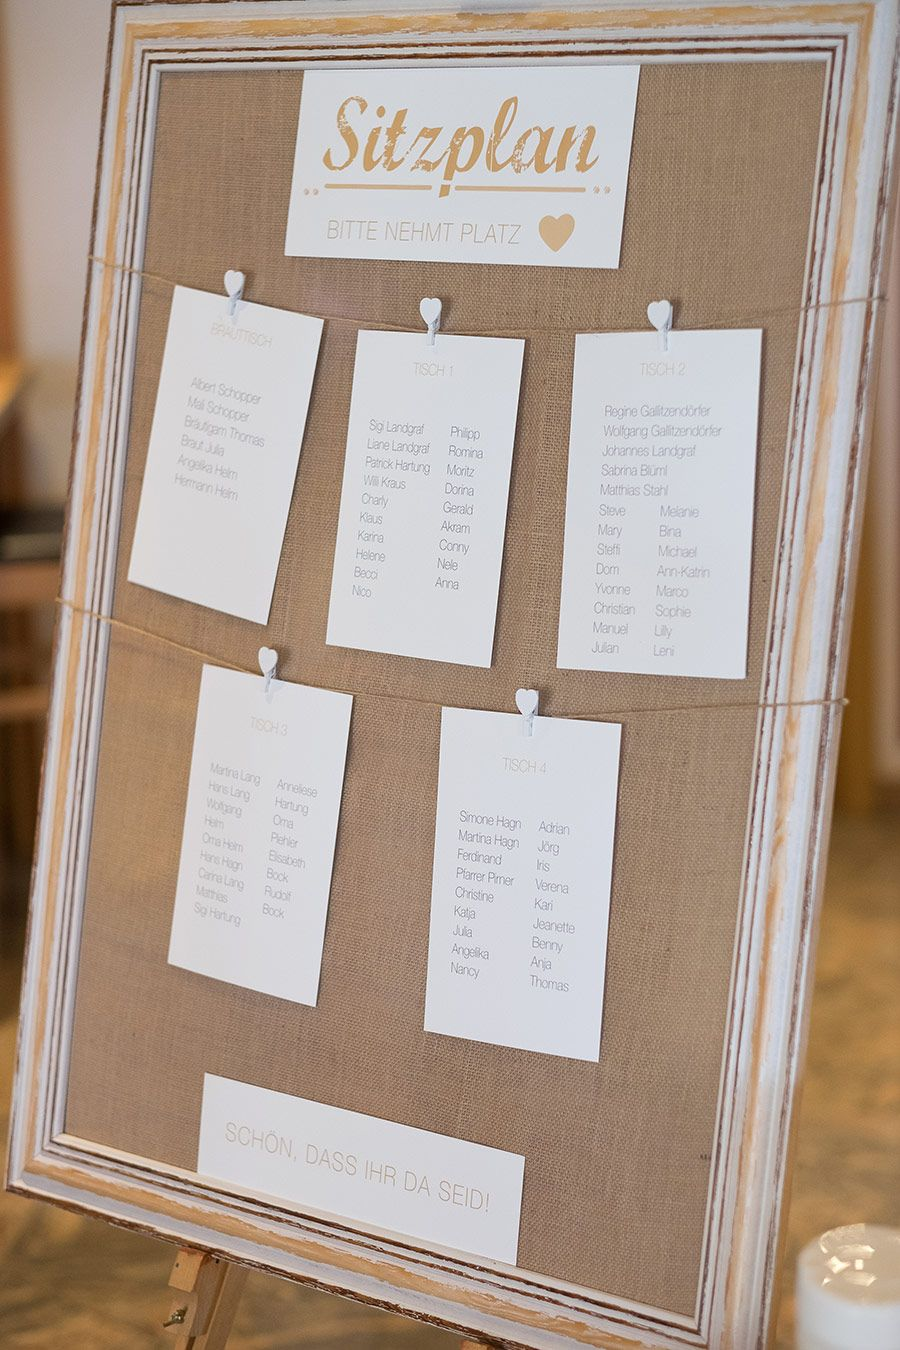 Ein Toller Sitzplan Zur Hochzeit Im Vintage Stil Dieser Diy Sitzplan Im Bilderrahmen Lasst Sich T Sitzplan Hochzeit Tischordnung Hochzeit Sitzordnung Hochzeit